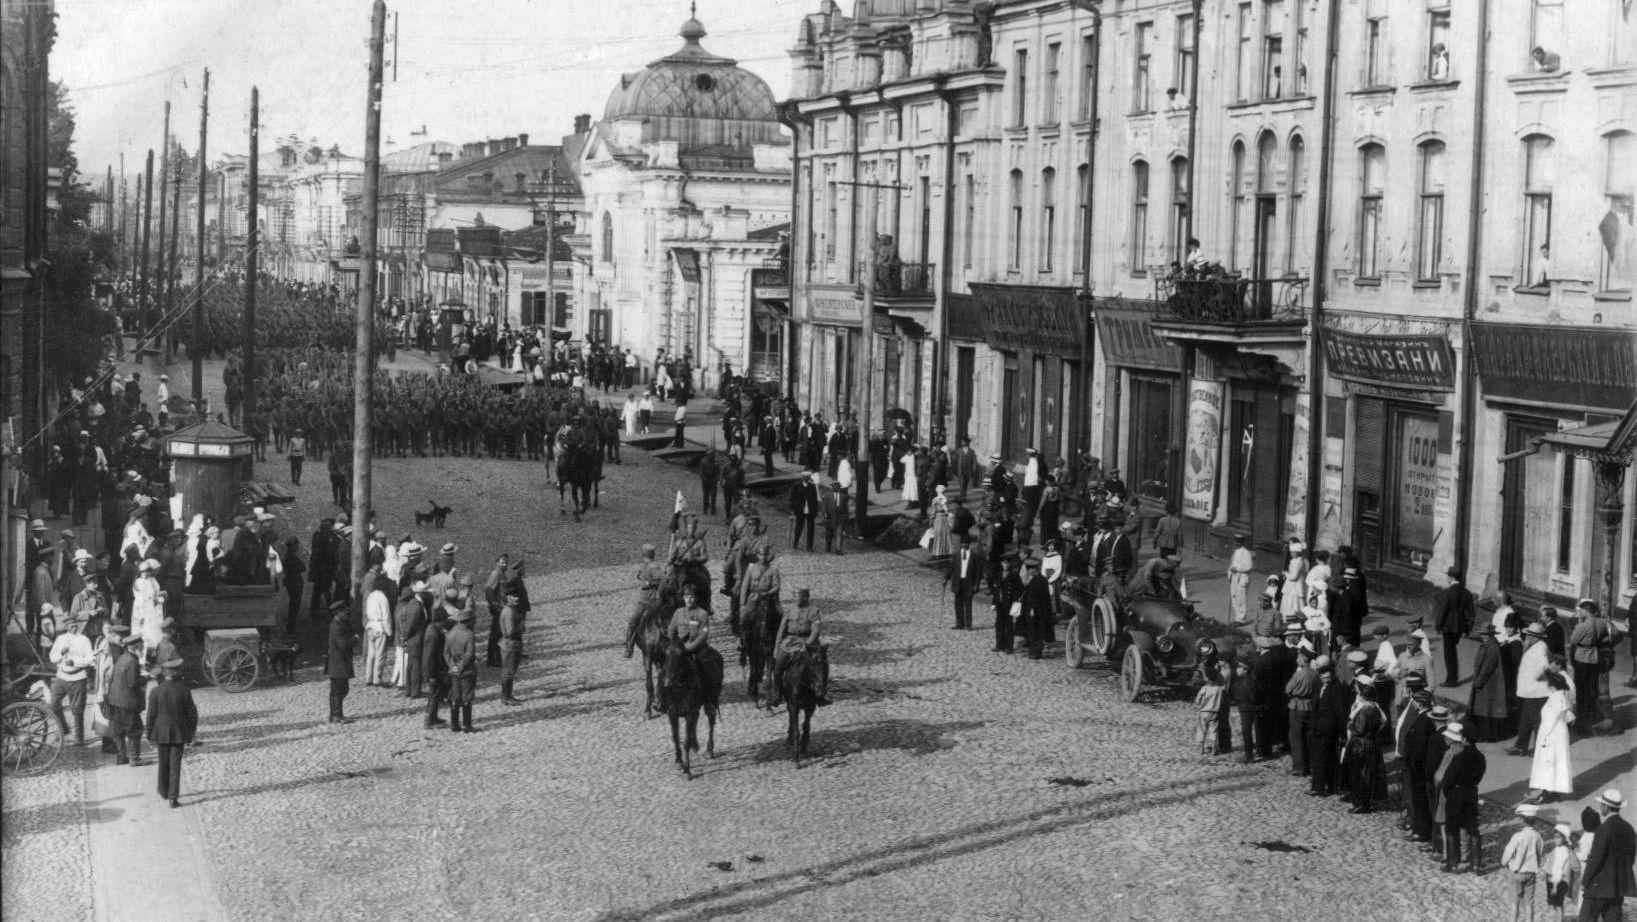 г. Иркутск. Чешско-словацкие войска на Большой улице. 28 июля 1918